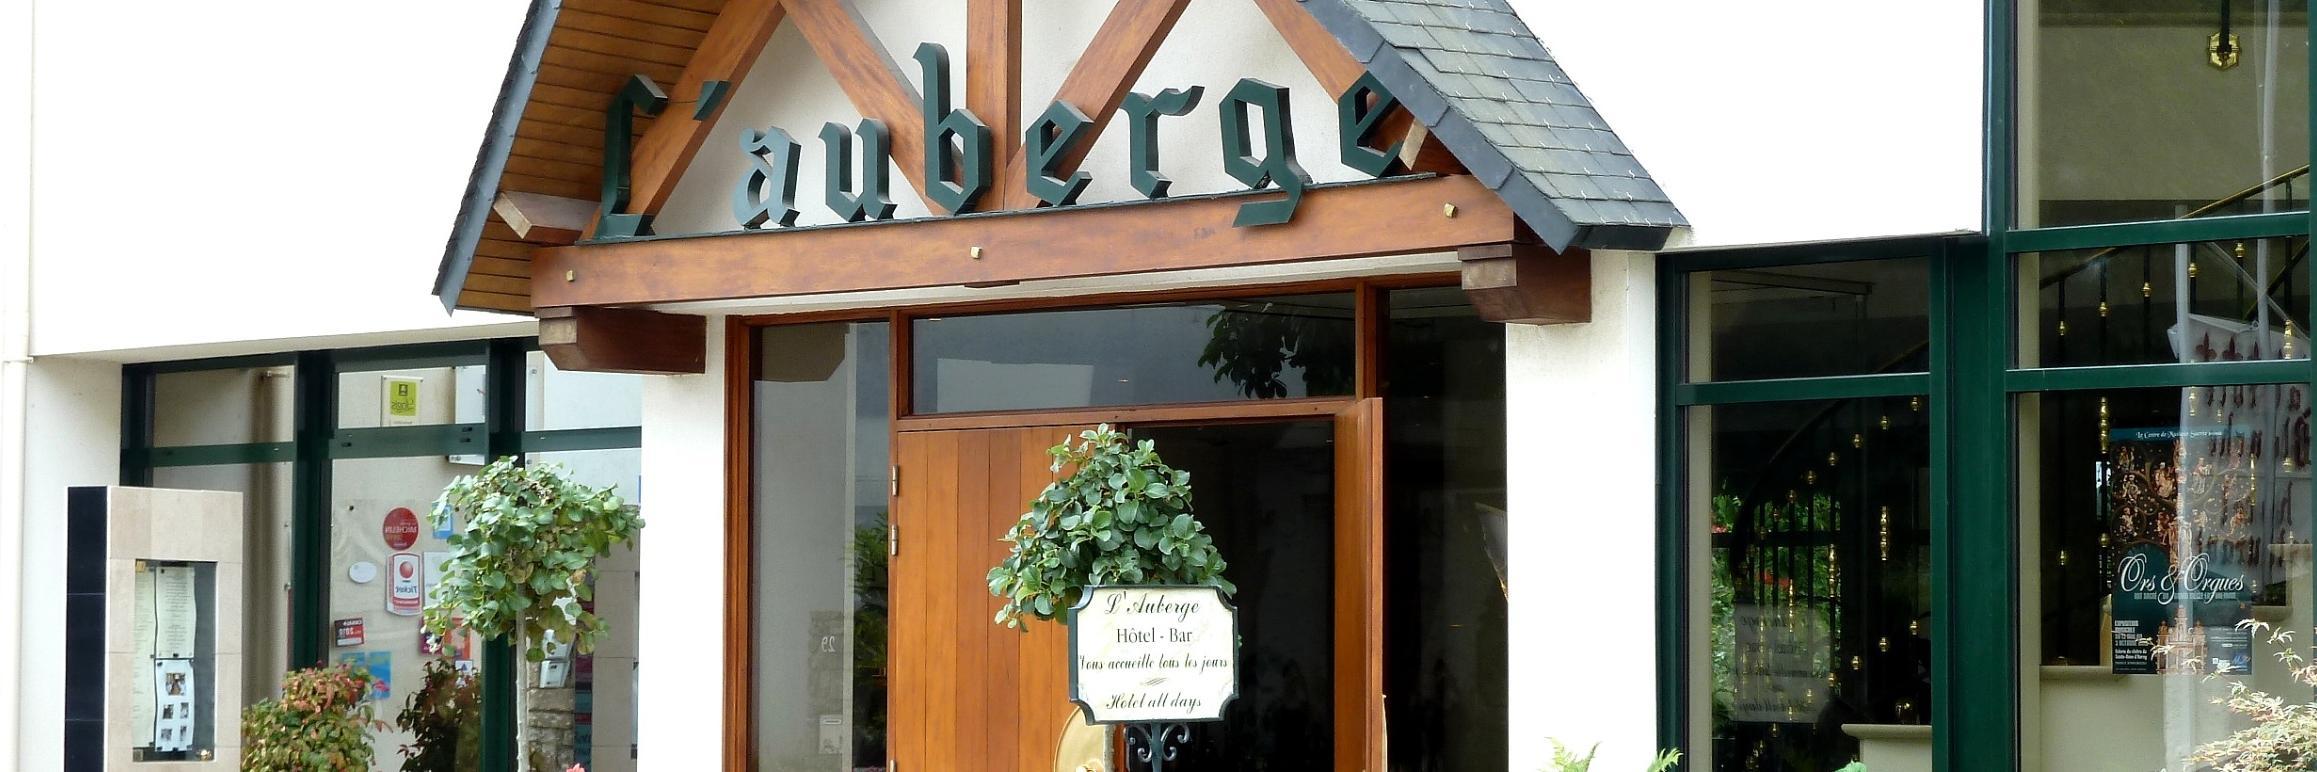 Restaurant Sainte-Anne d'Auray L'Auberge (56)